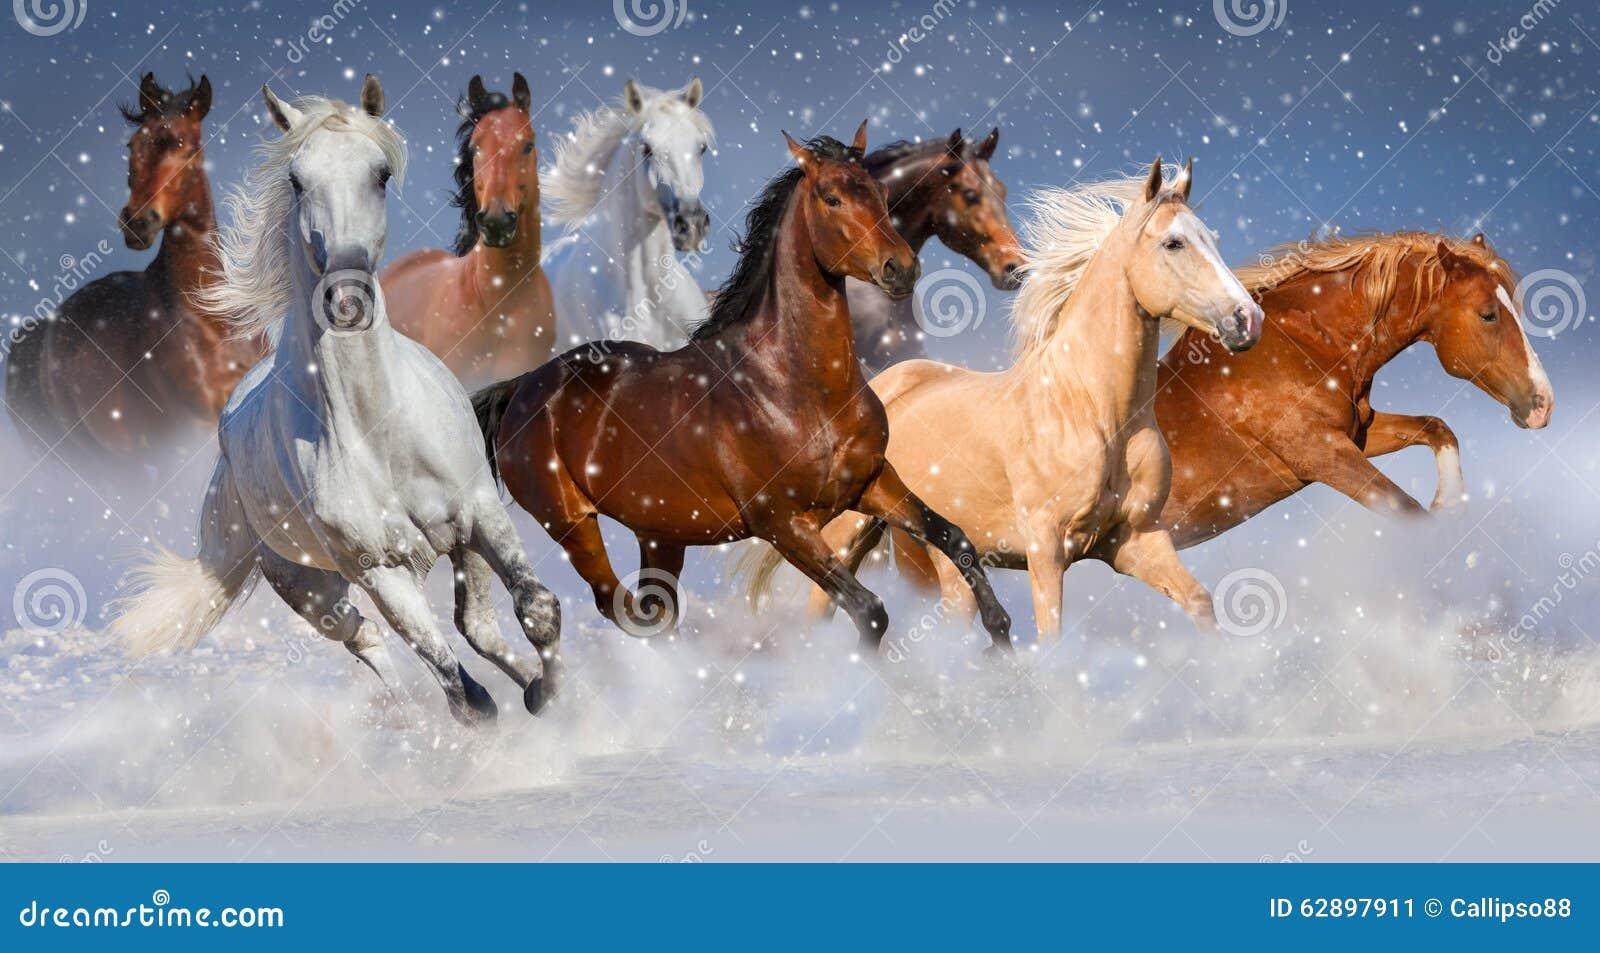 pferde im schnee stockbild bild von himmel thoroughbred. Black Bedroom Furniture Sets. Home Design Ideas